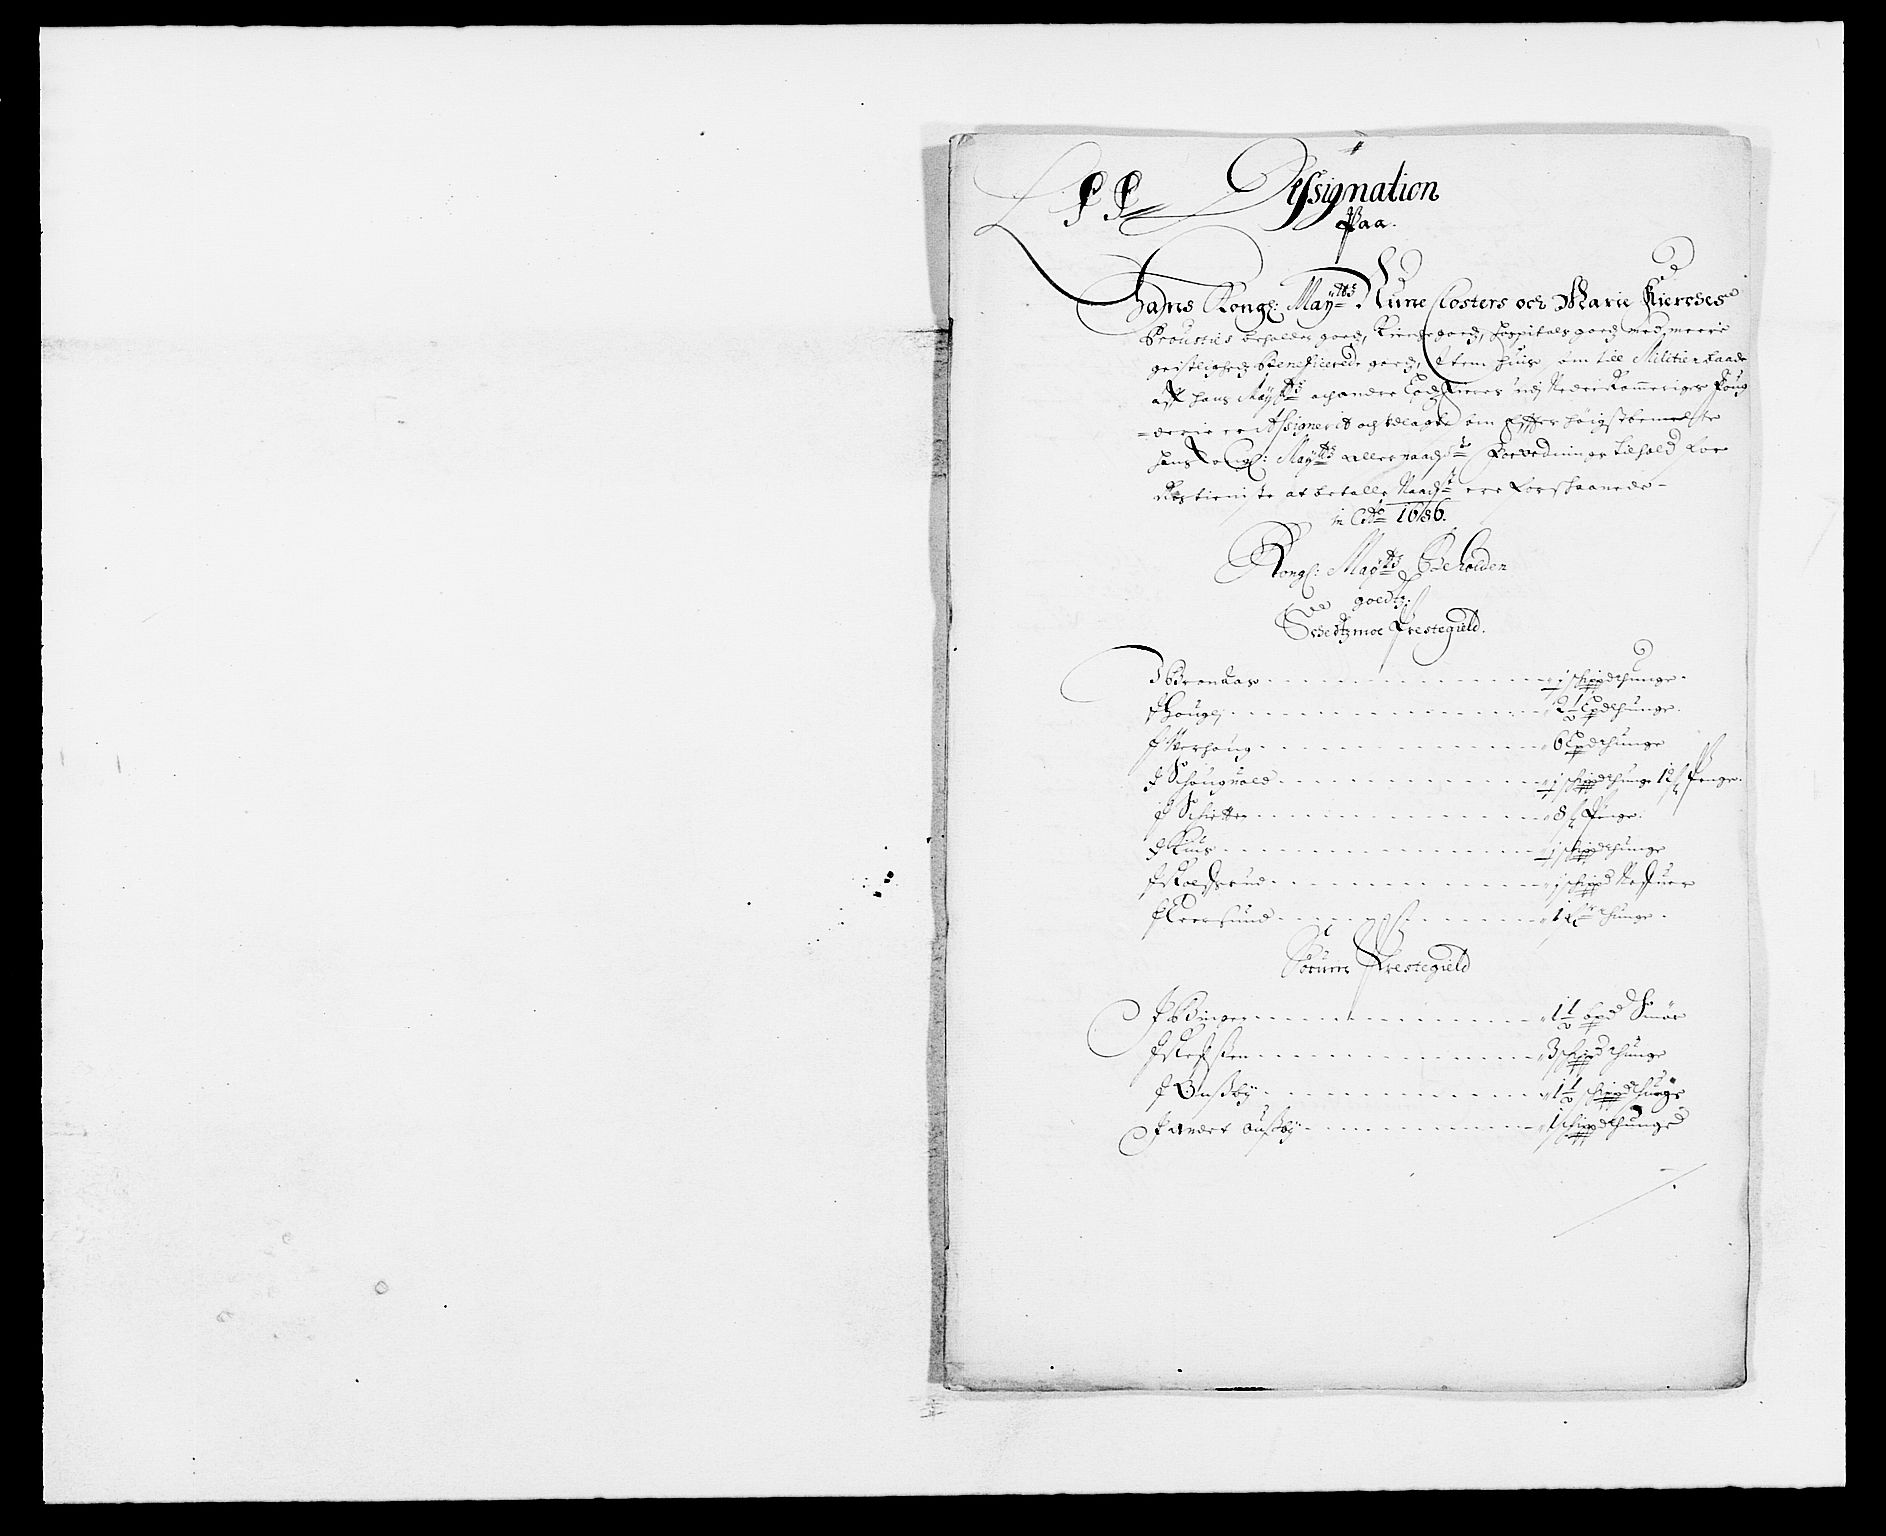 RA, Rentekammeret inntil 1814, Reviderte regnskaper, Fogderegnskap, R11/L0572: Fogderegnskap Nedre Romerike, 1686-1687, s. 13